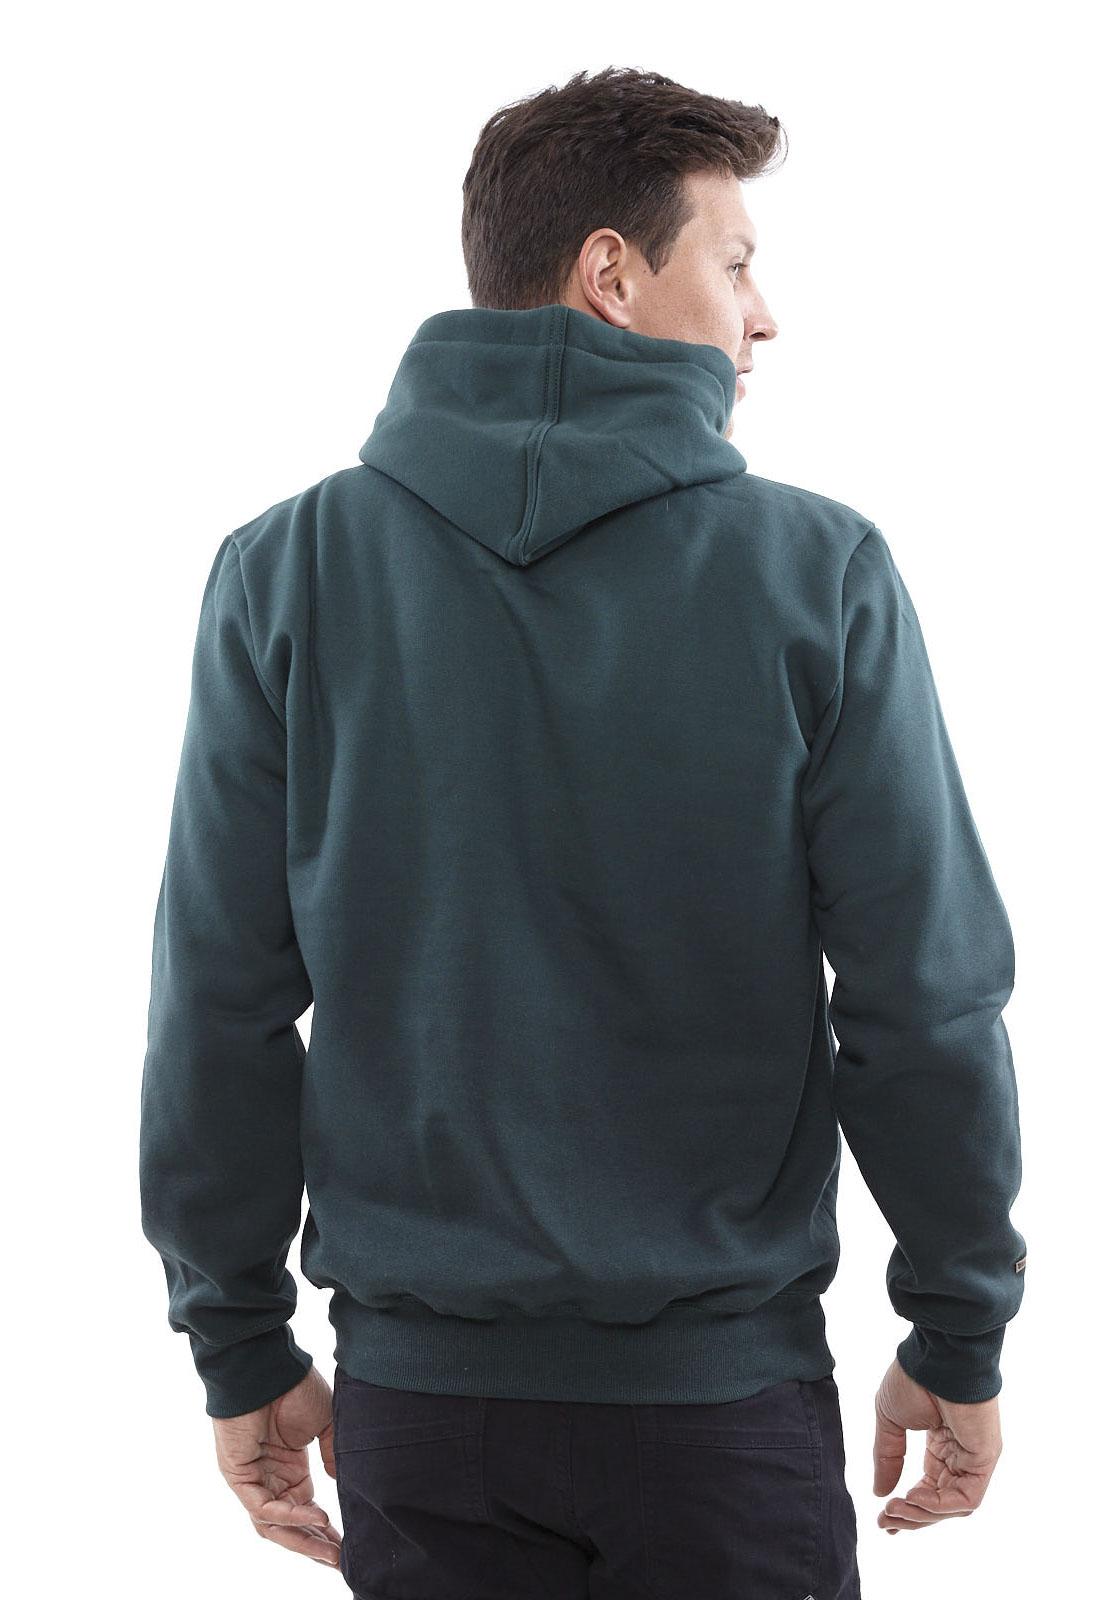 Blusa de Moletom Vida Marinha Canguru Fechado Verde com Capuz